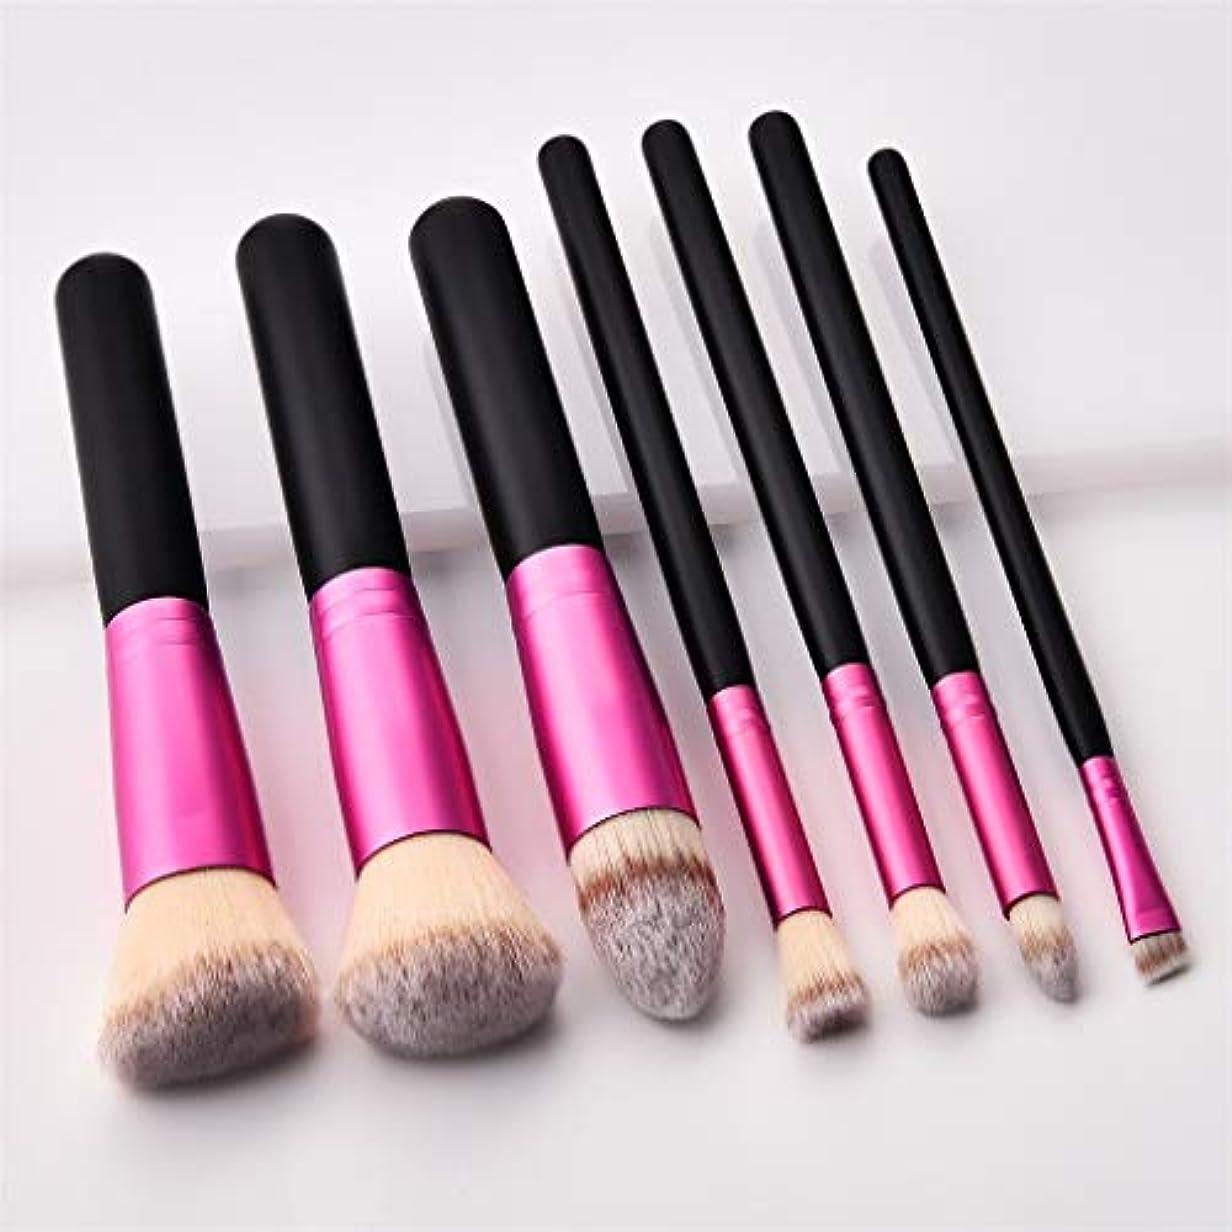 ミシン予算凶暴なAkane 7本 GUJHUI 上等 優雅 ピンク 綺麗 美感 便利 高級 魅力的 柔らかい たっぷり 多機能 おしゃれ 激安 日常 仕事 Makeup Brush メイクアップブラシ T-07-060